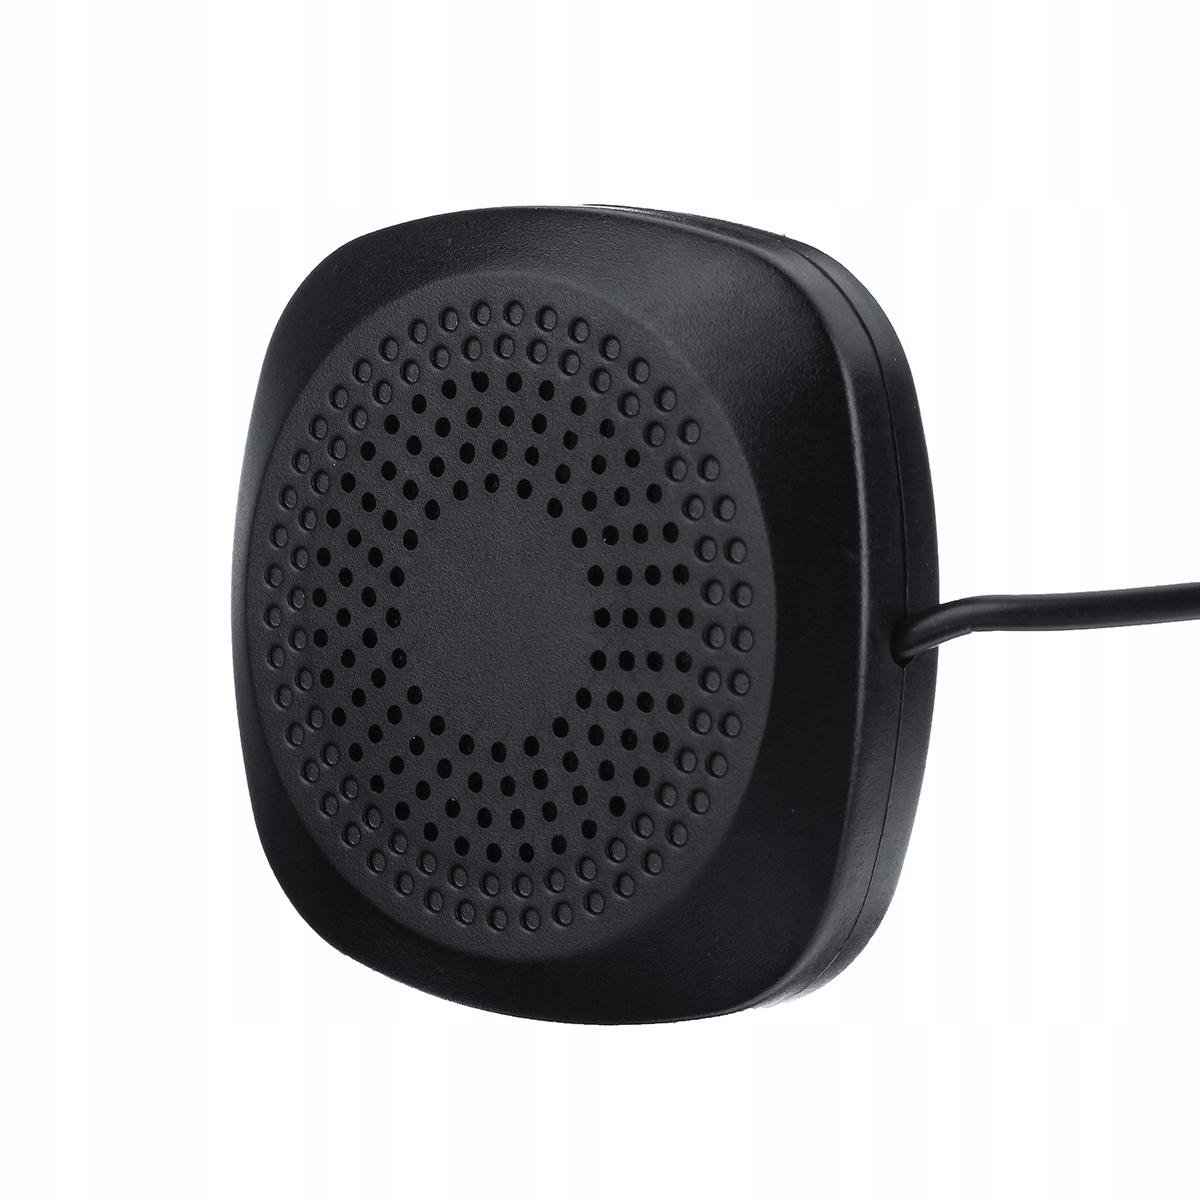 Bezprzewodowy zestaw słuchawkowy do kasku